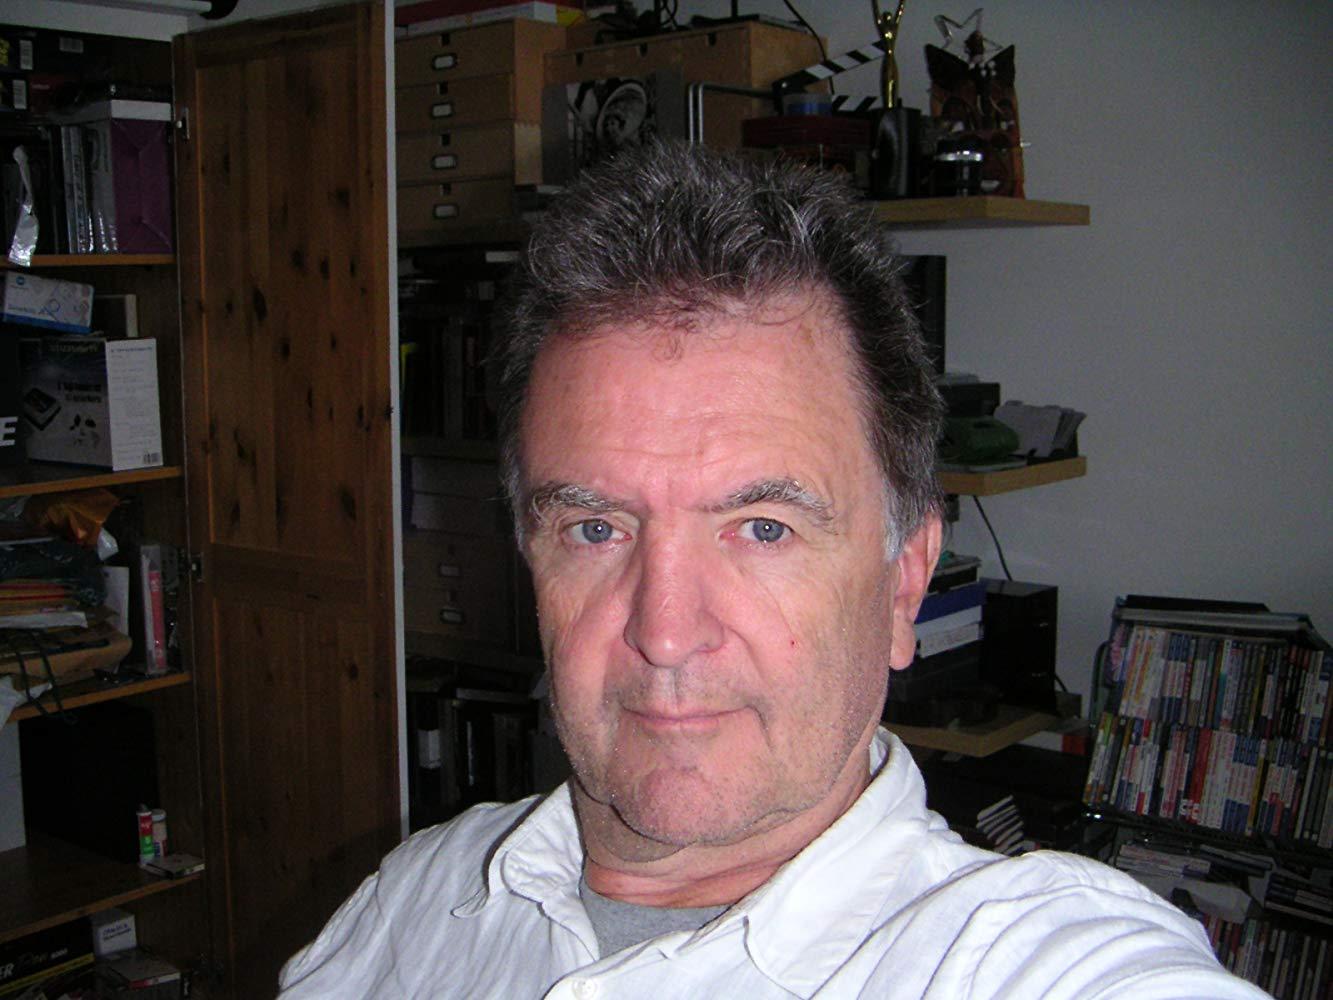 John Luton